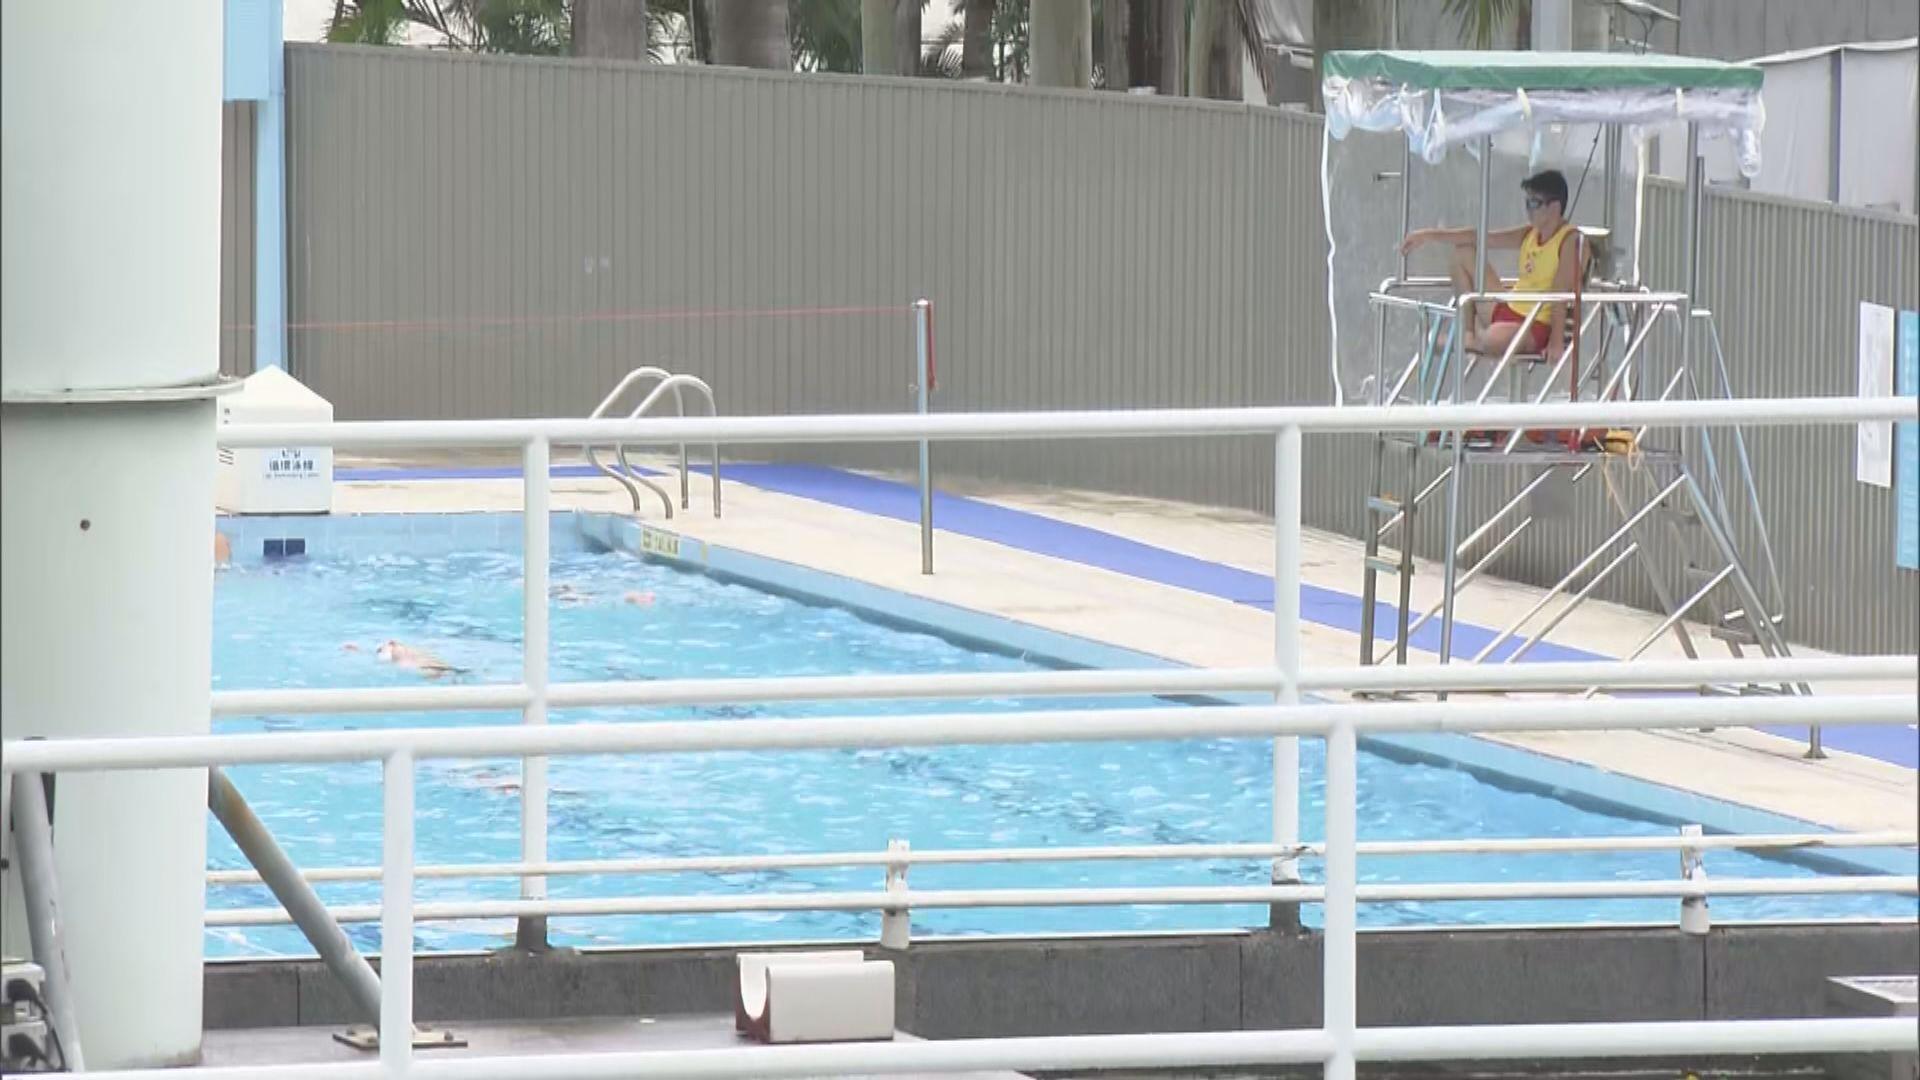 泳池重開 有泳客指上水後會盡快更衣戴口罩